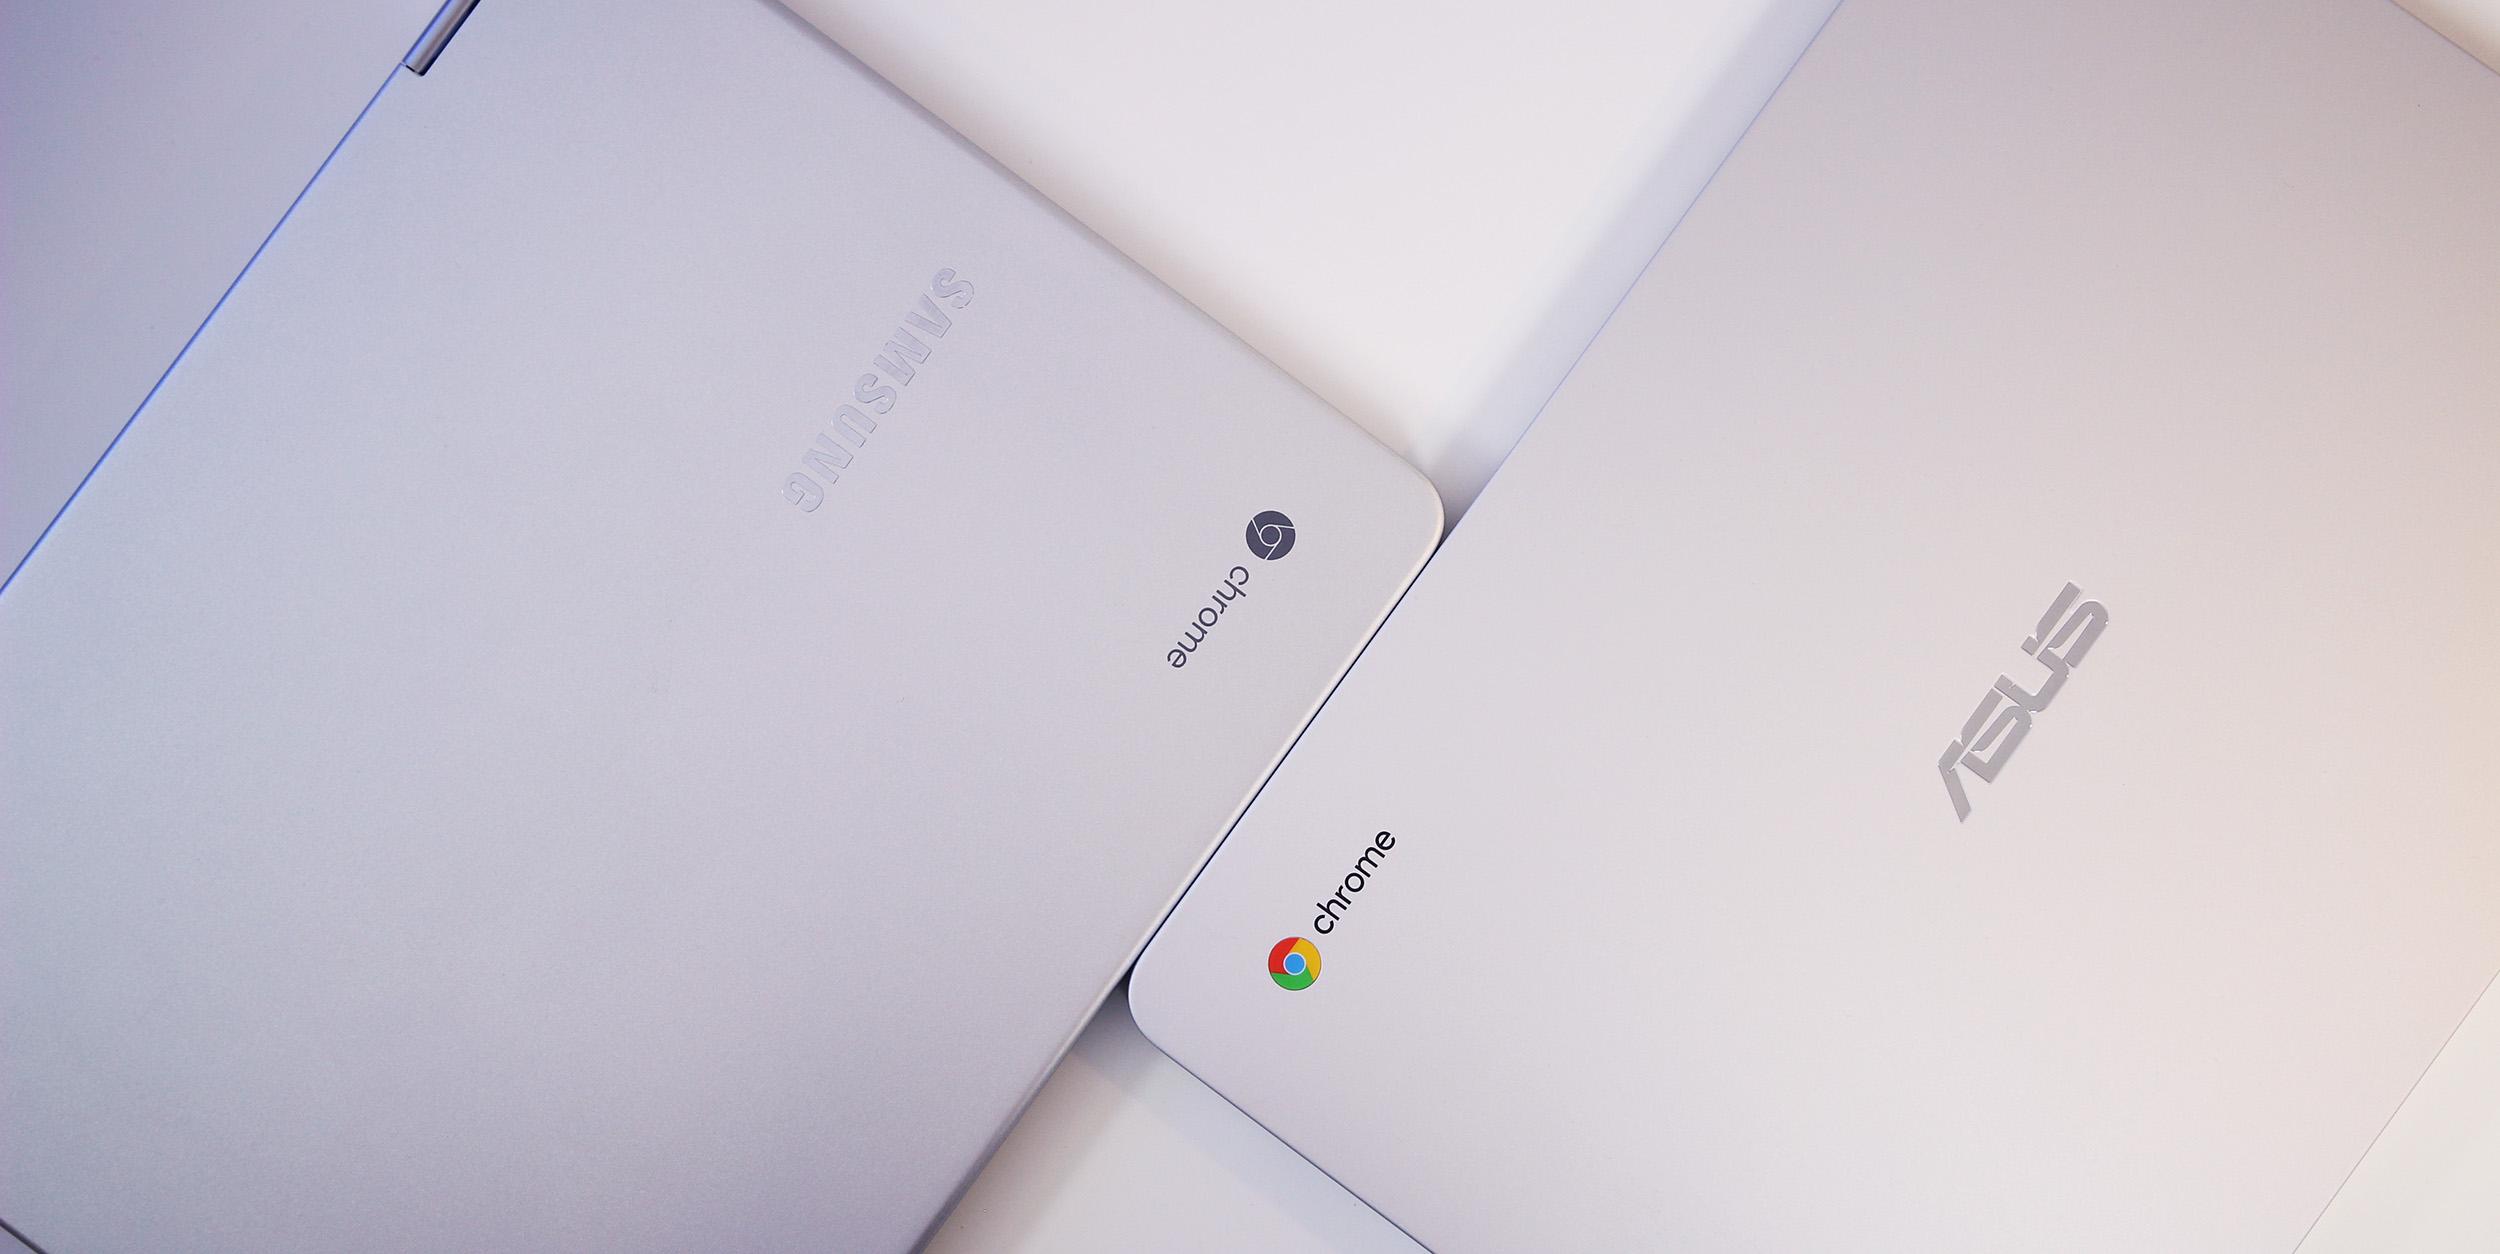 Best Chromebooks Gift Guide